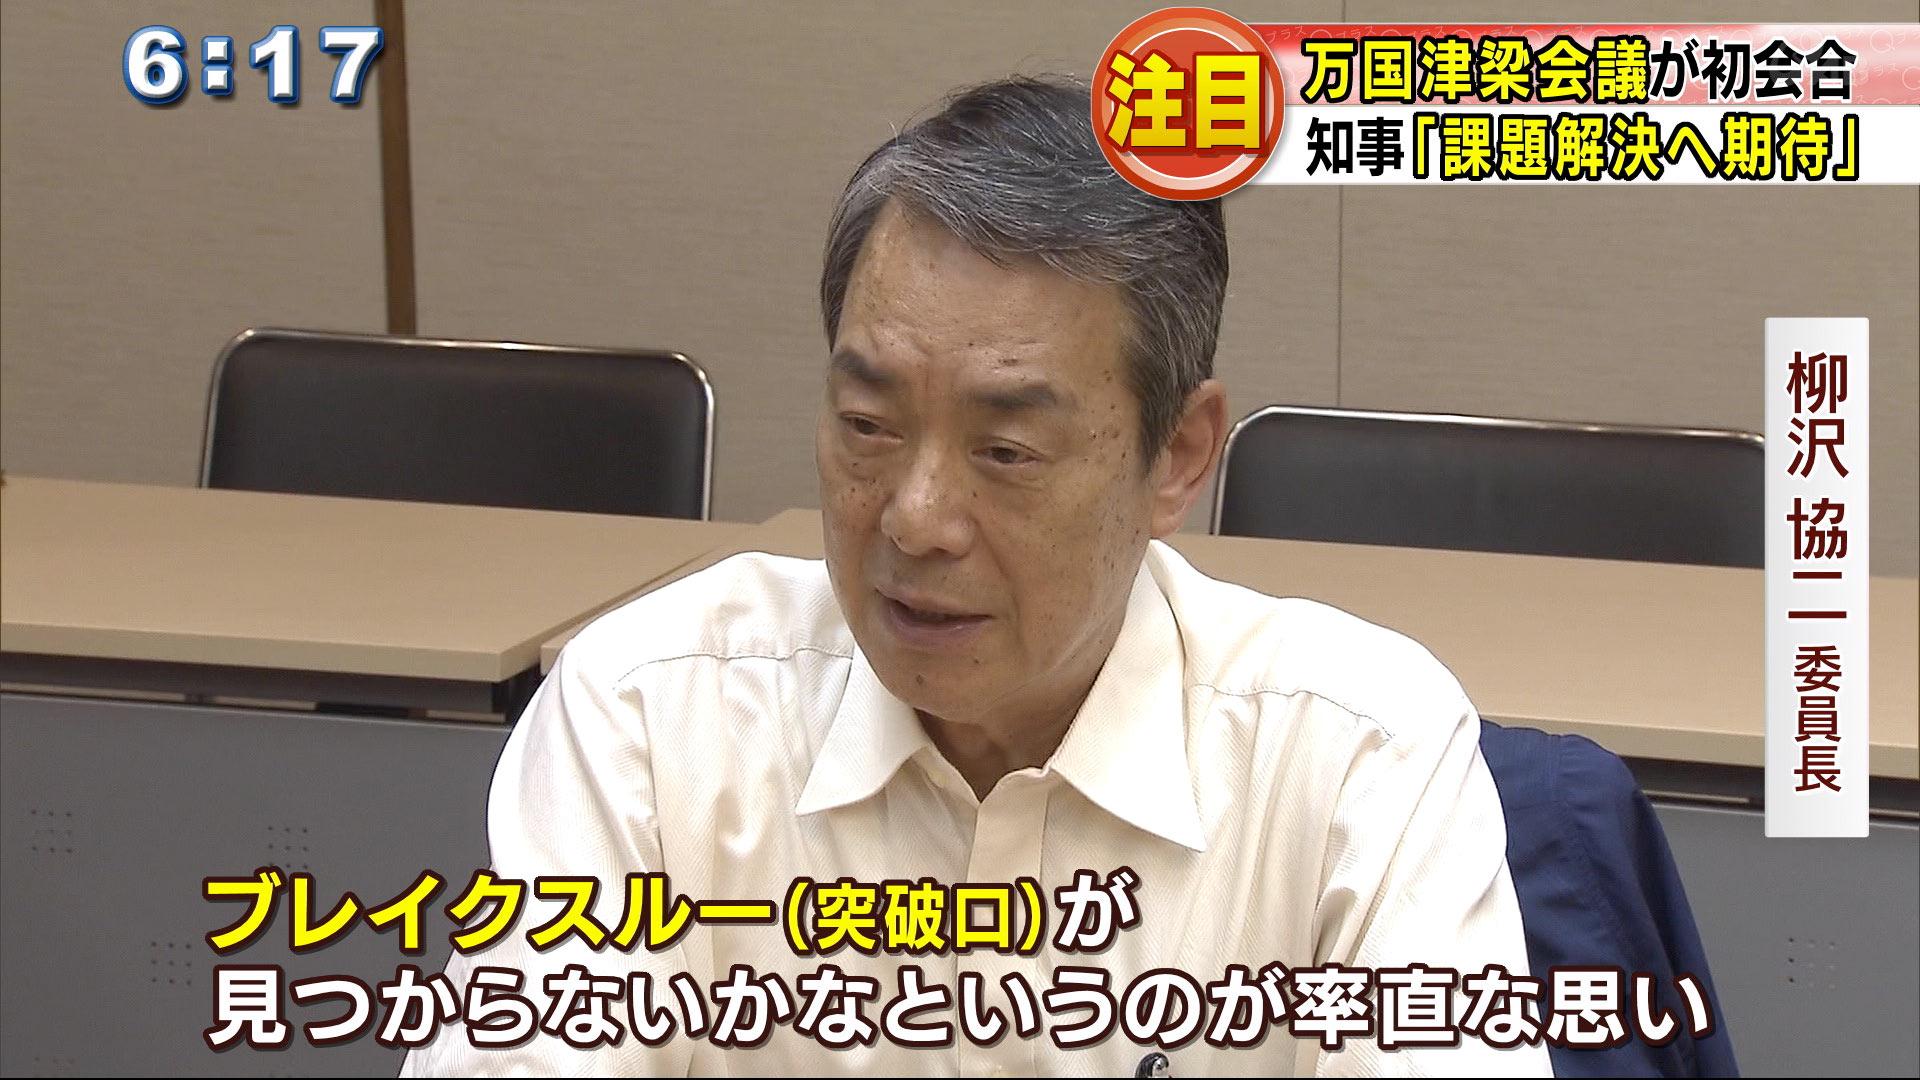 委員長を柳沢協二さんが務めることになりました。